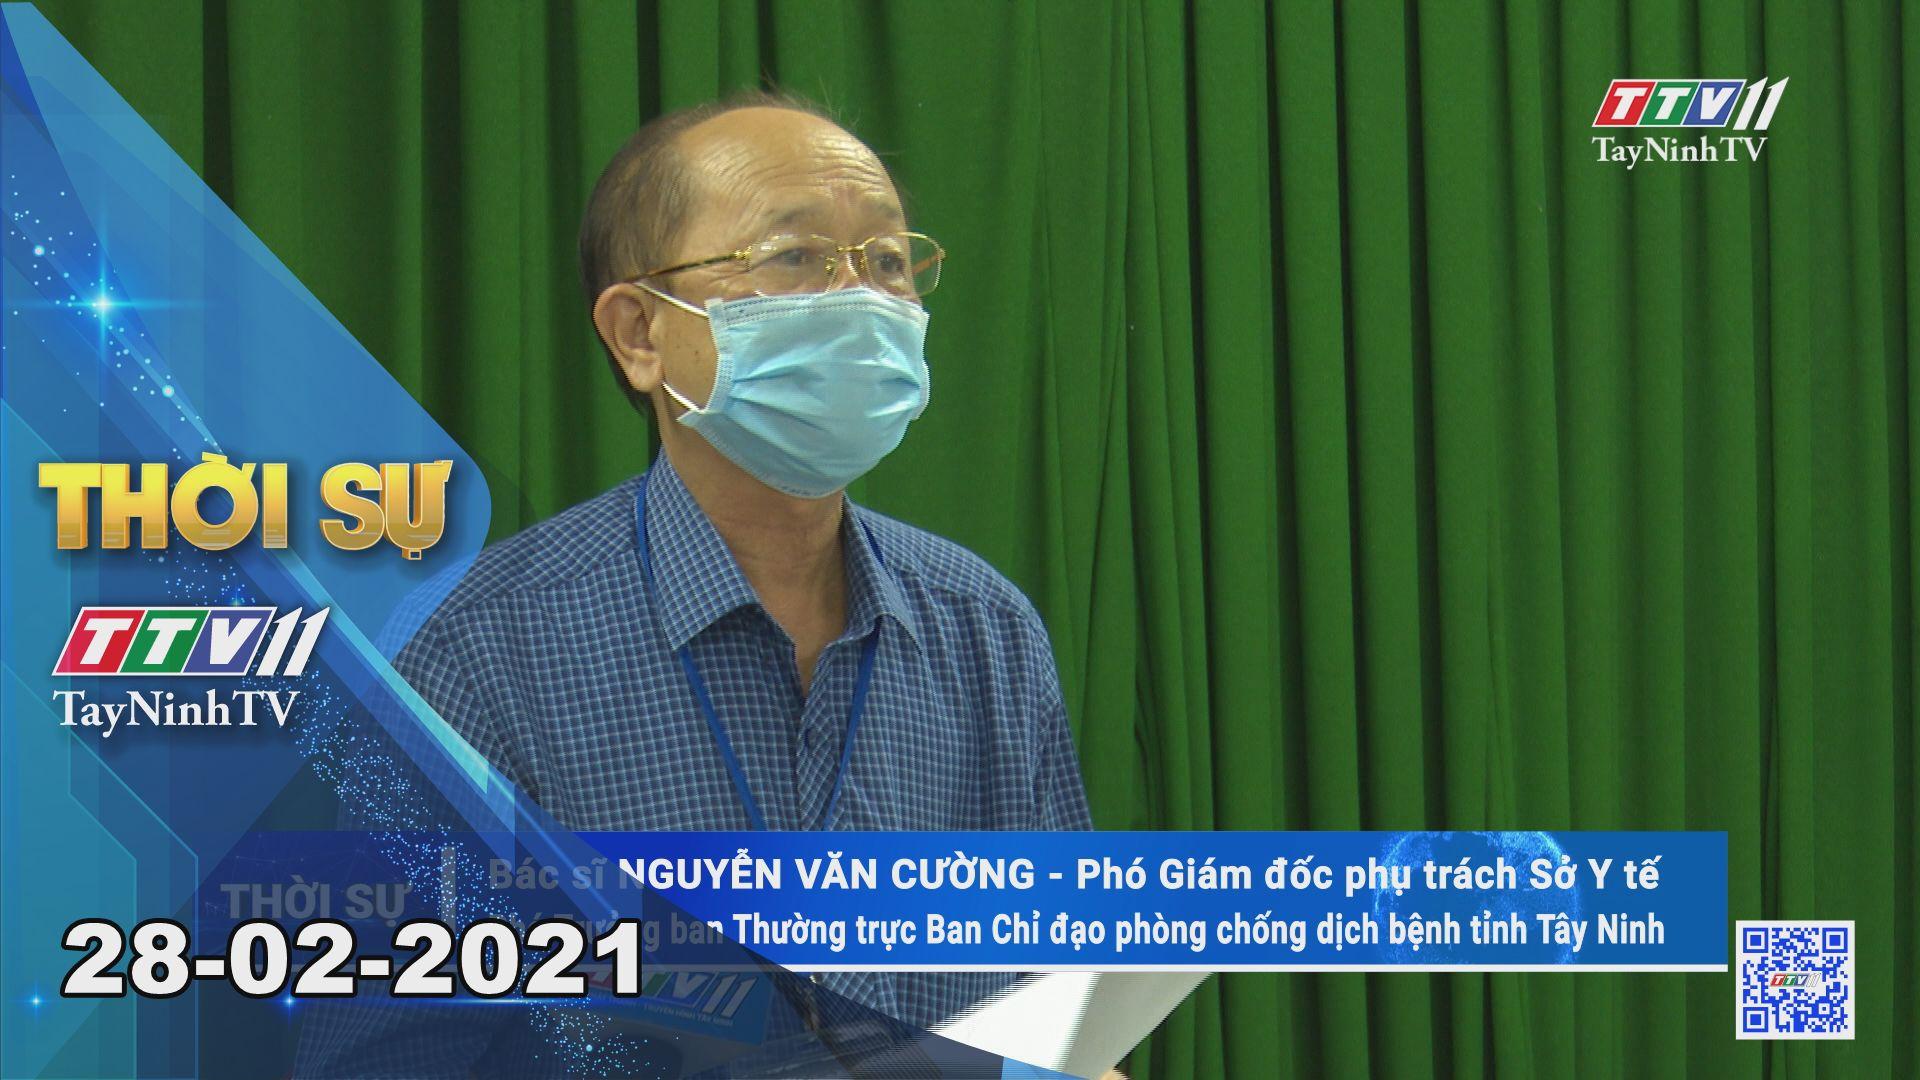 Thời sự Tây Ninh 28-02-2021 | Tin tức hôm nay | TayNinhTV